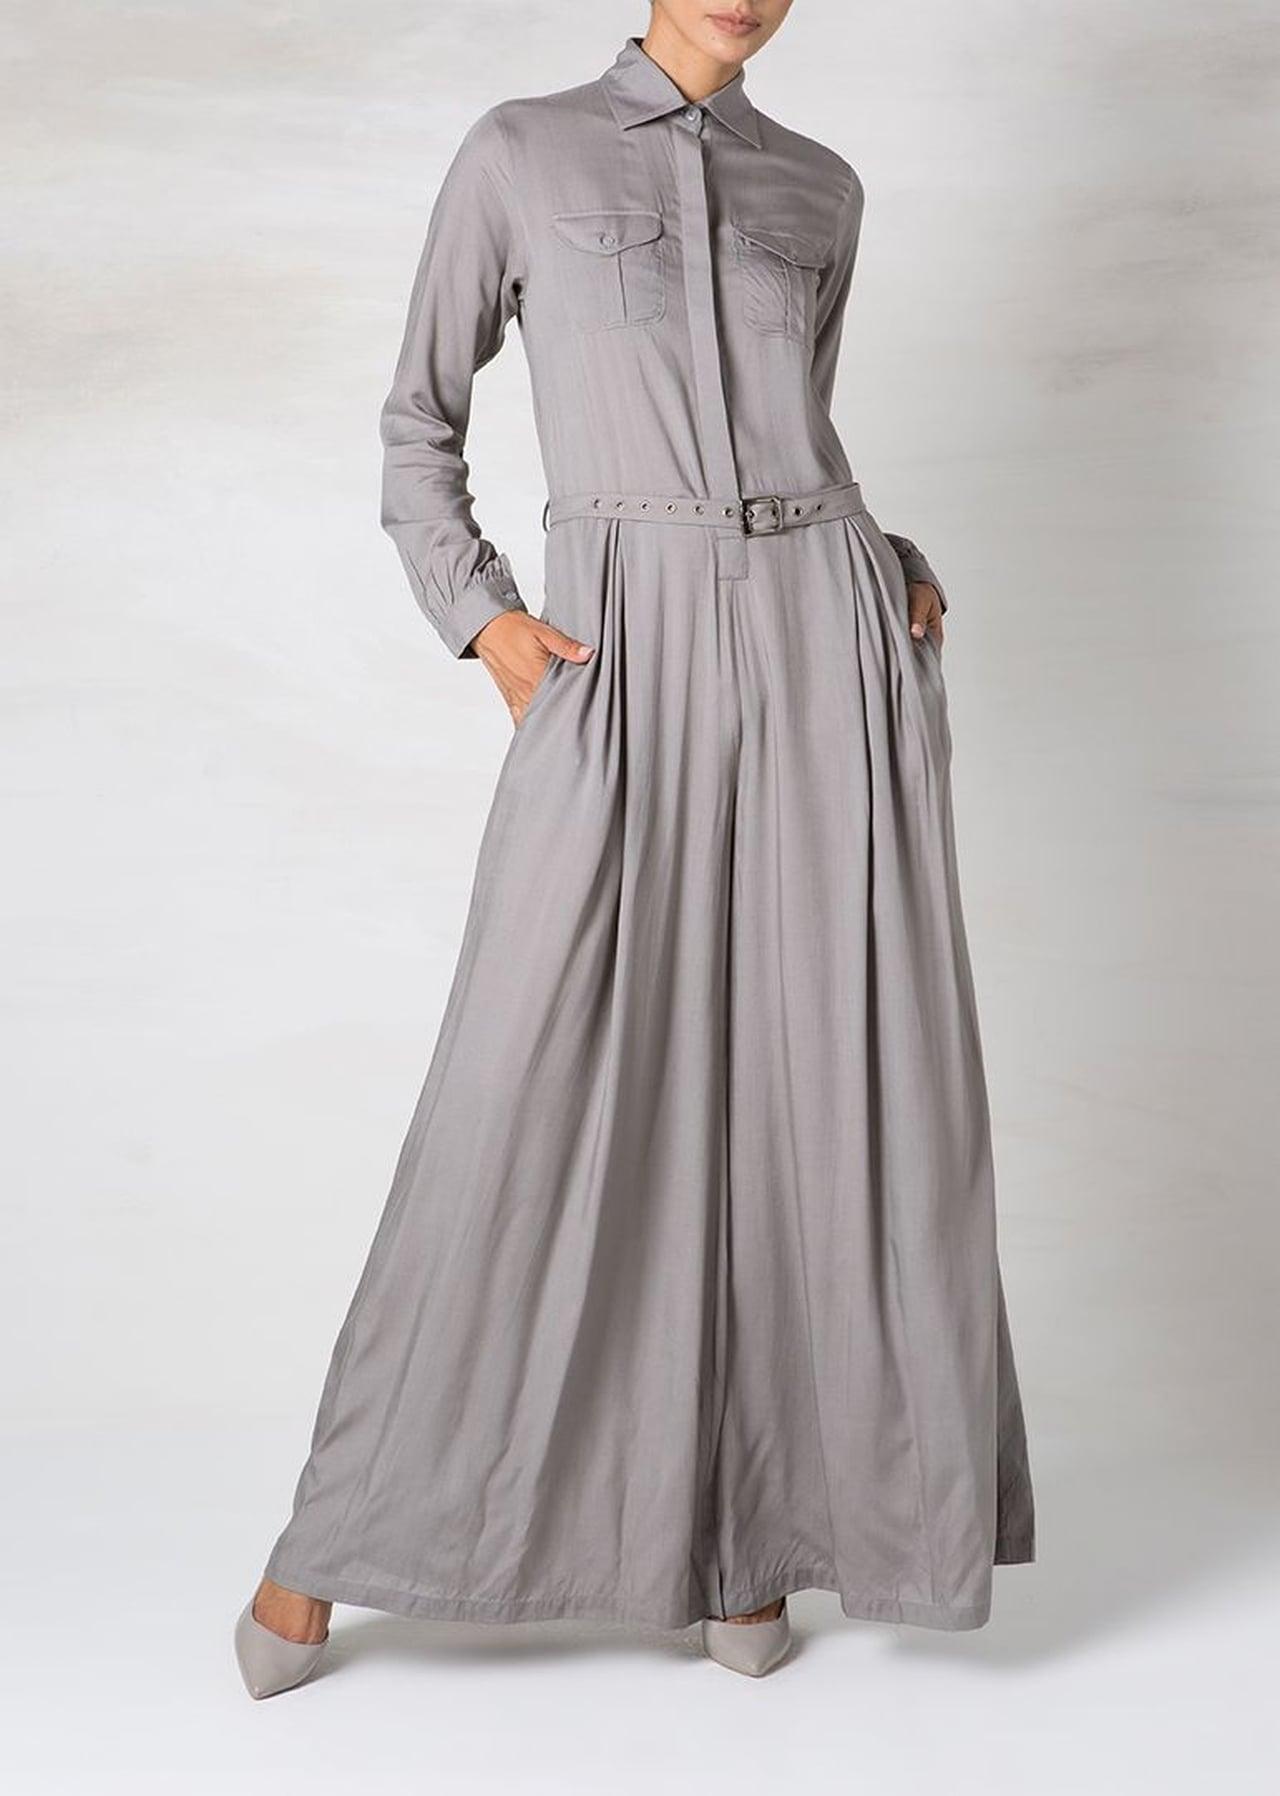 صورة موديلات ملابس , اجدد استايلات الملابس الحديثة 3942